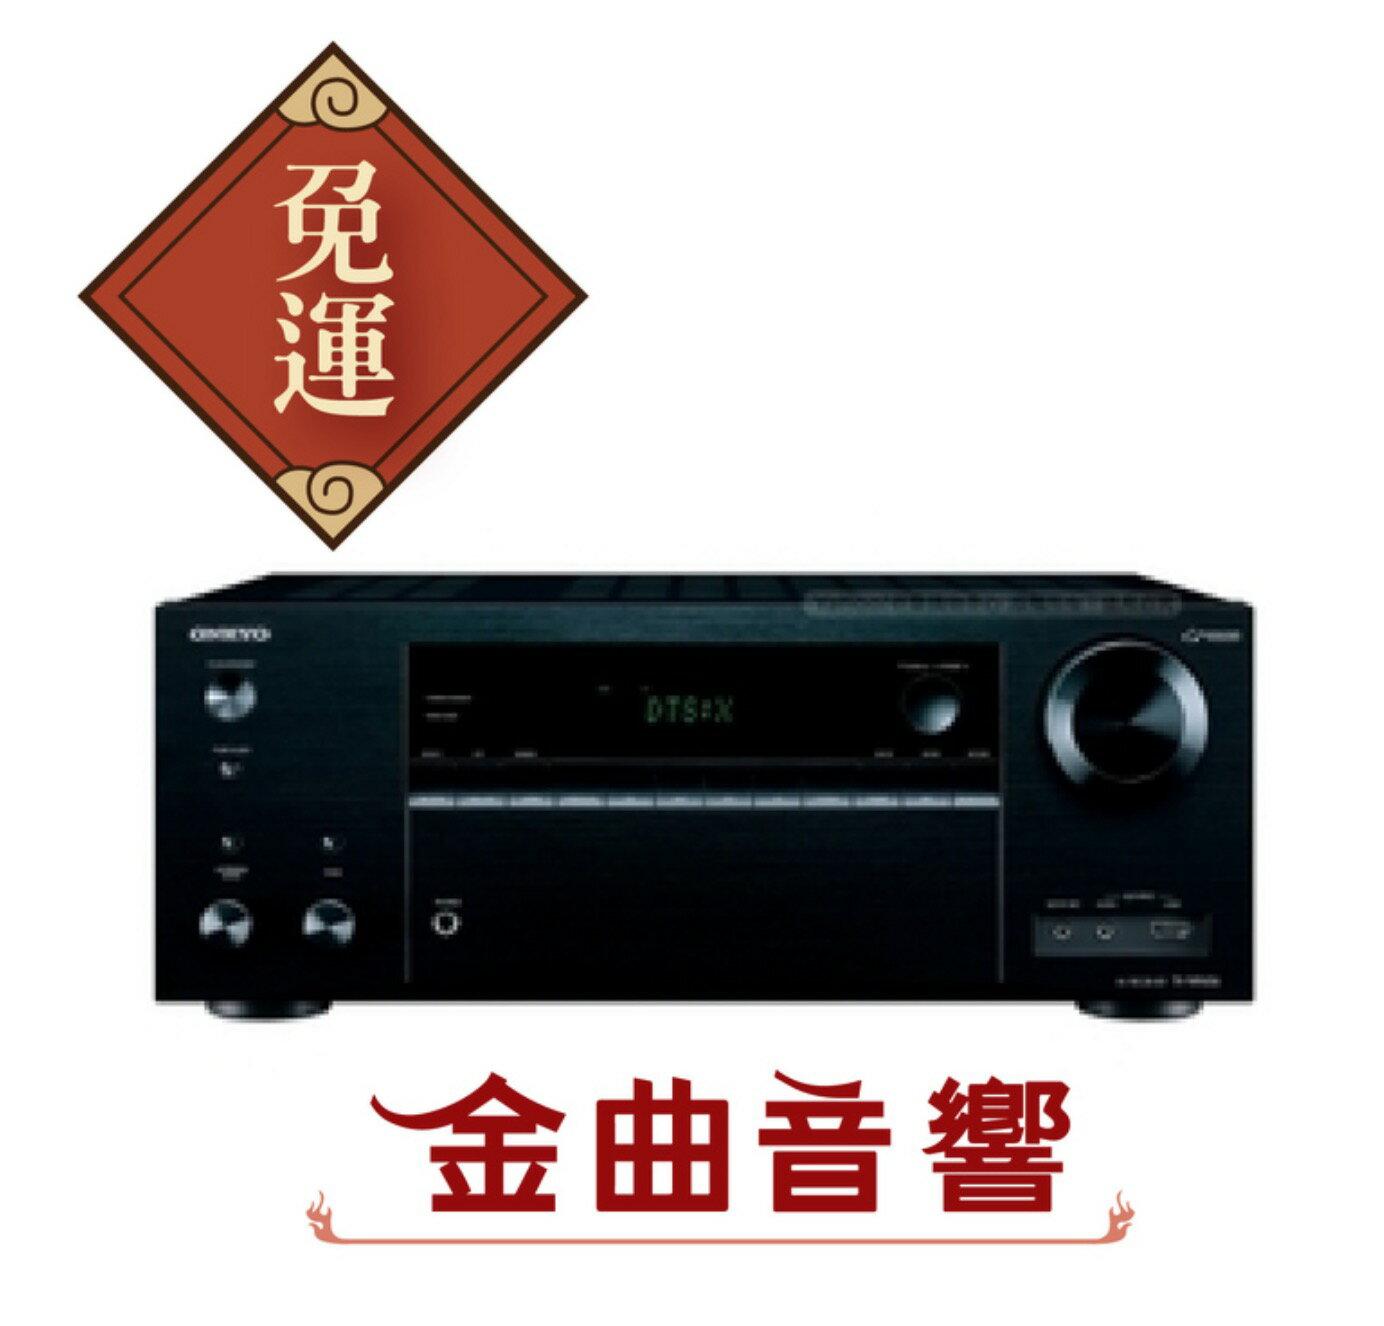 【金曲音響】ONKYO TX-NR656 7.2聲道網路影音環繞擴大機